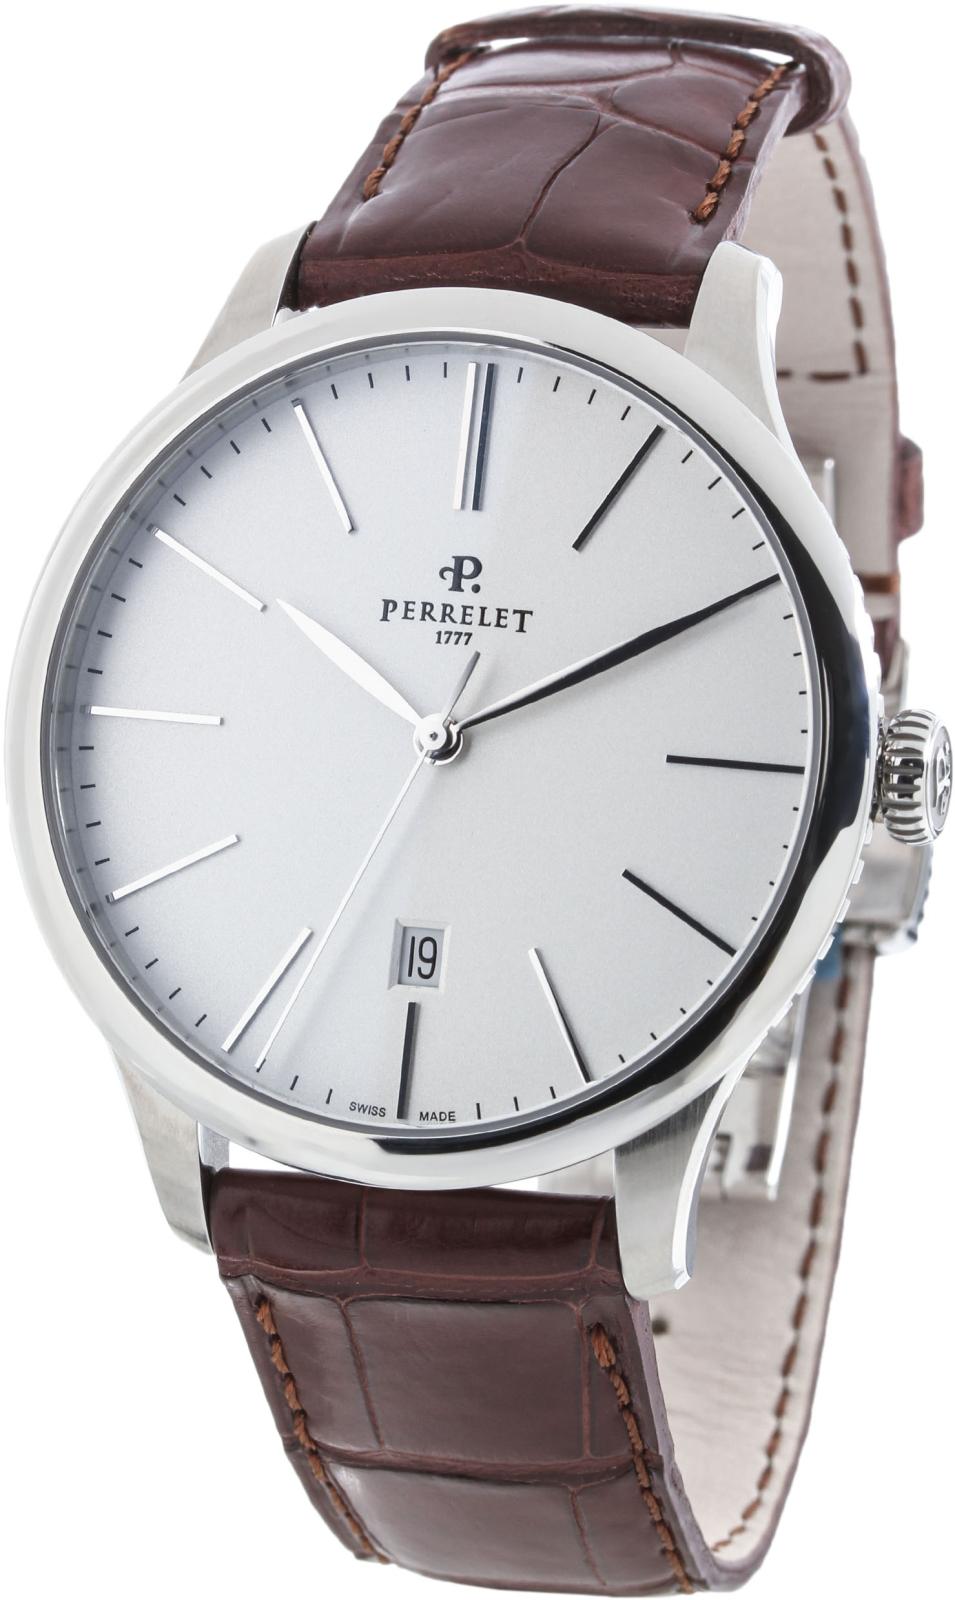 Perrelet First Class A1073/1Наручные часы<br>Швейцарские часы Perrelet First Class Automatic&amp;nbsp; A1073/1Модель из коллекции FIRST CLASS - элегантной и неподвластной времени, отличаются строгостью линий и гармоничными объемами корпуса диаметром 42,5 мм., выполненного из матовой и полированной стали. Корпус часов - нержавеющая сталь 316L.&amp;nbsp;Механизм - P 321 - механика с автоподзаводом, 28800 полуколебаний/час, 25 камней, запас хода 42 часа.&amp;nbsp;Циферблат защищает сапфировое стекло с двусторонним антибликовым покрытием. Водозащита - 50 м.&amp;nbsp;Ремень - кожа.<br><br>Пол: Мужские<br>Страна-производитель: Швейцария<br>Механизм: Механический<br>Материал корпуса: Сталь<br>Материал ремня/браслета: Кожа<br>Водозащита, диапазон: 20 - 100 м<br>Стекло: Сапфировое<br>Толщина корпуса: 10,70 мм<br>Стиль: Классика